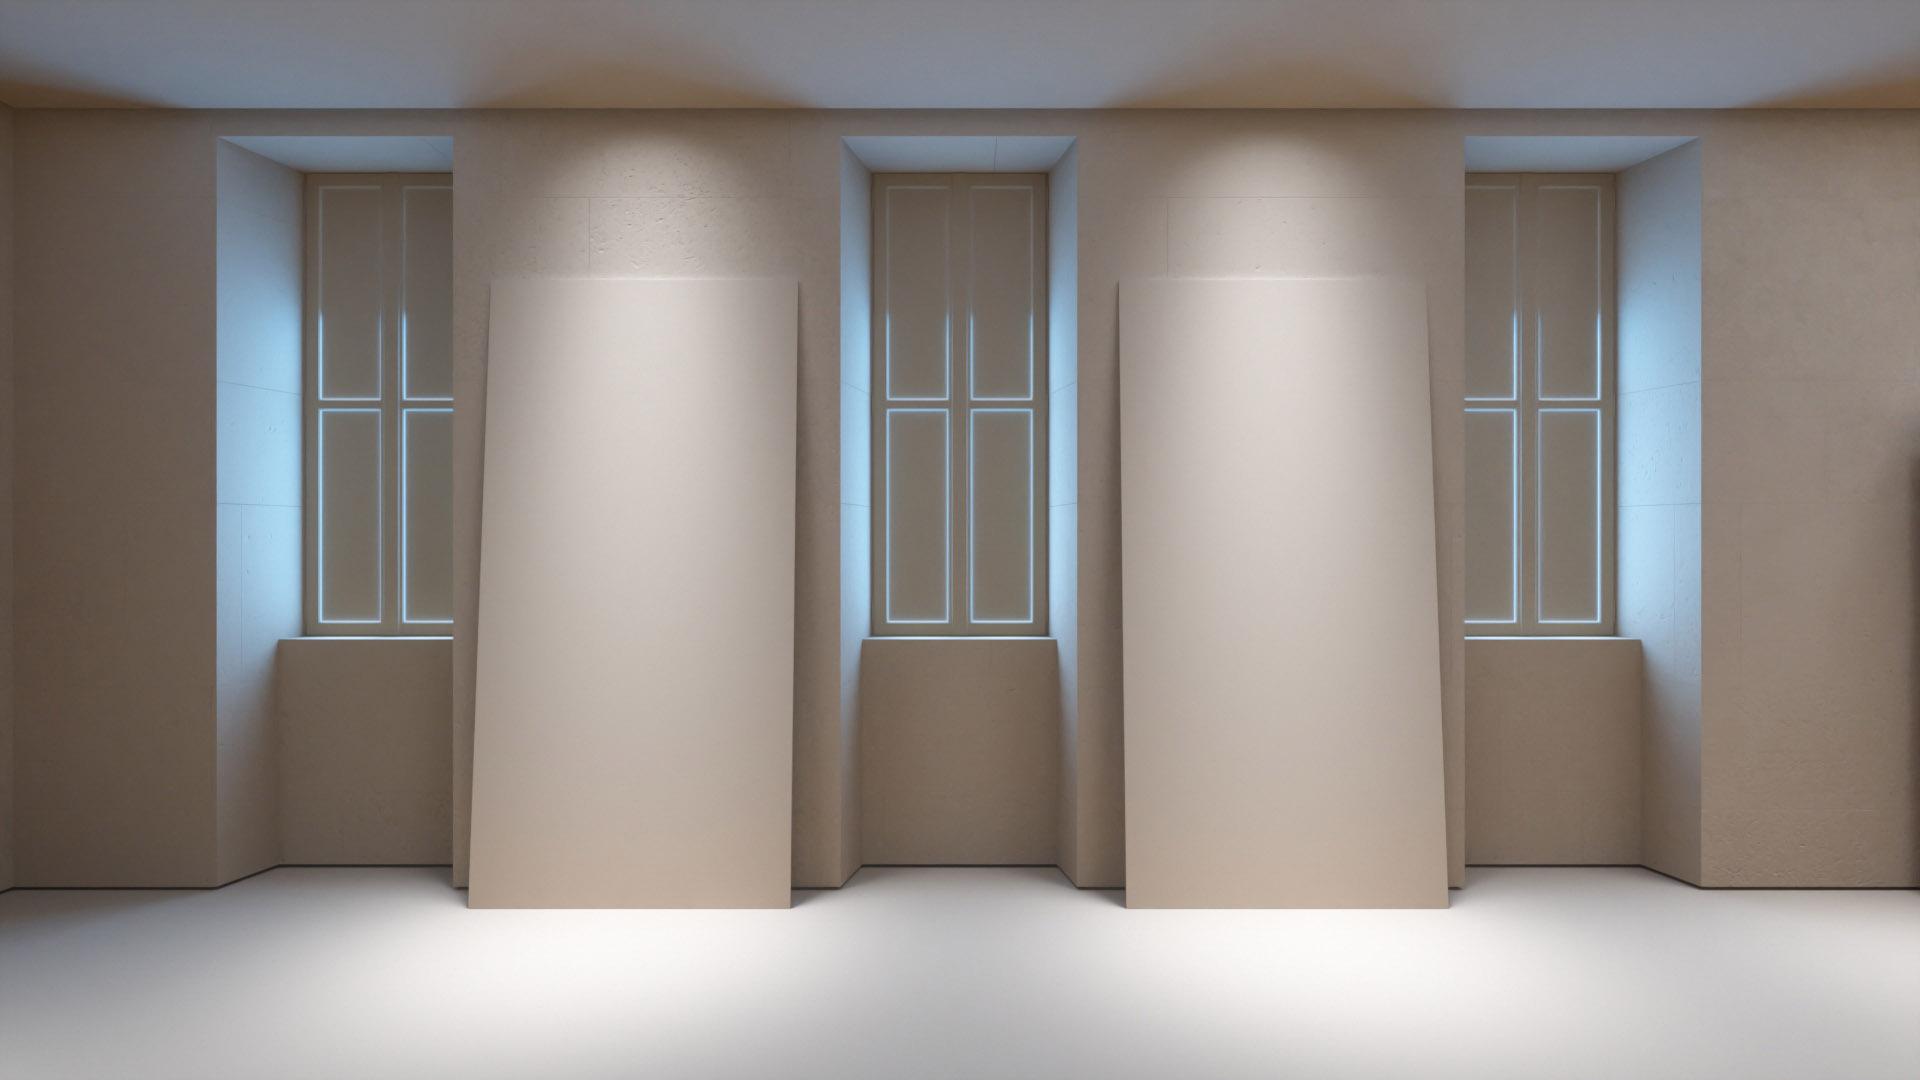 Giada SS21: Virtual Tour - Vitruvio Virtual Reality